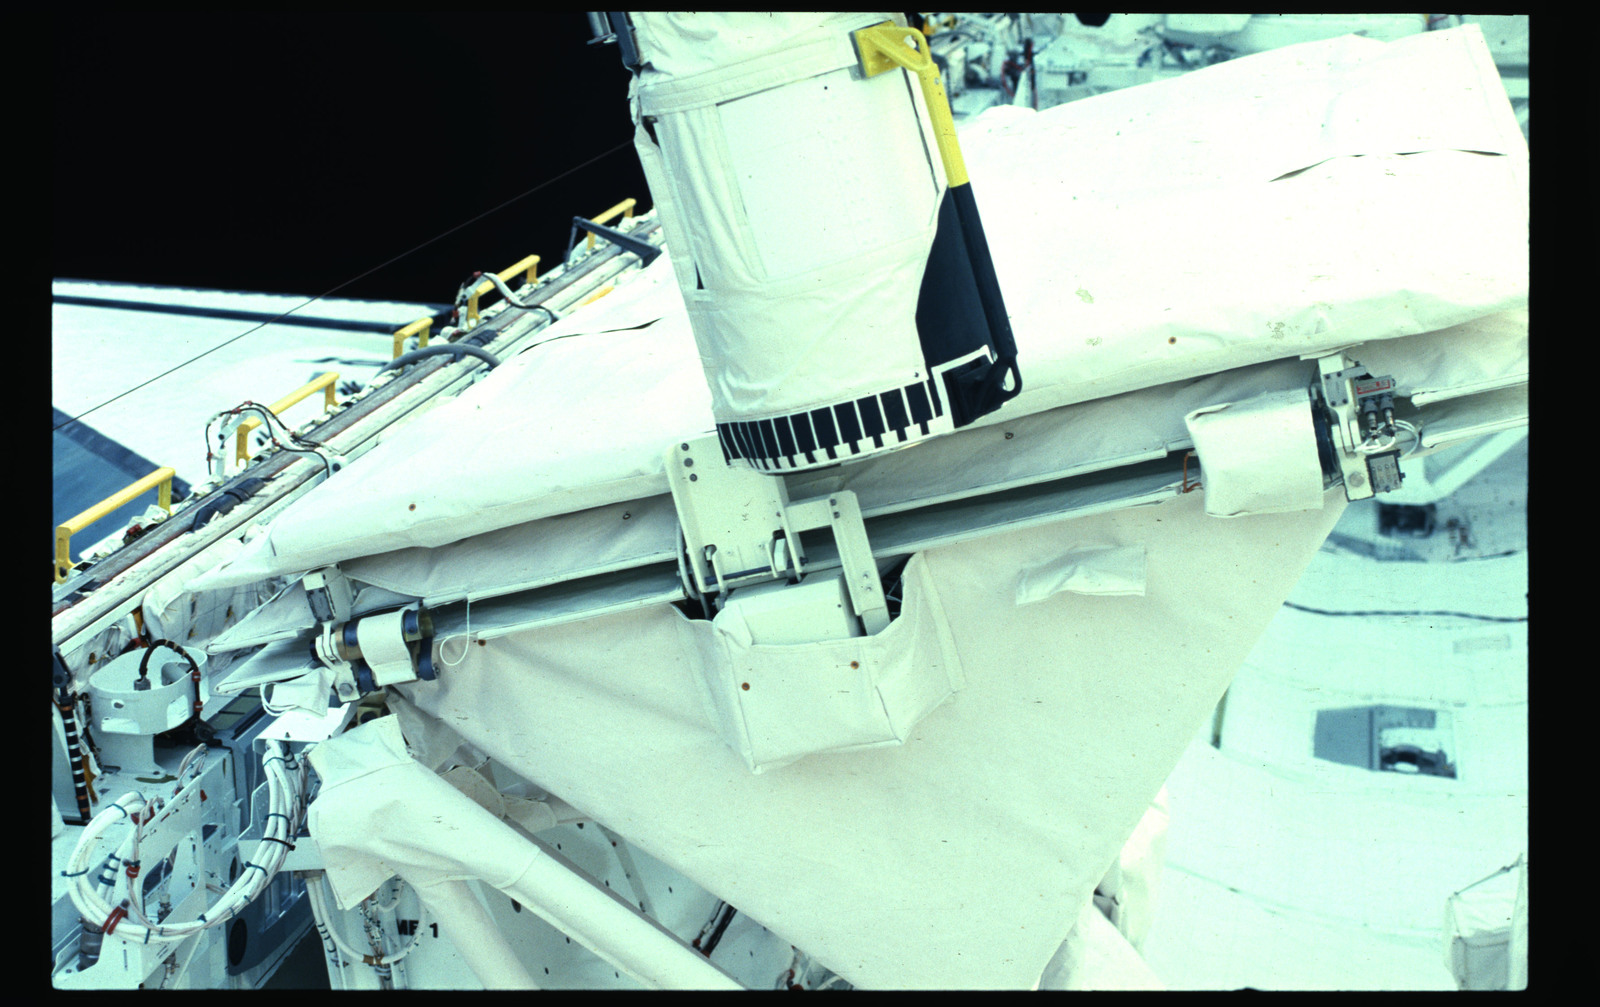 41G-03-010 - STS-41G - SIR-B during 41G